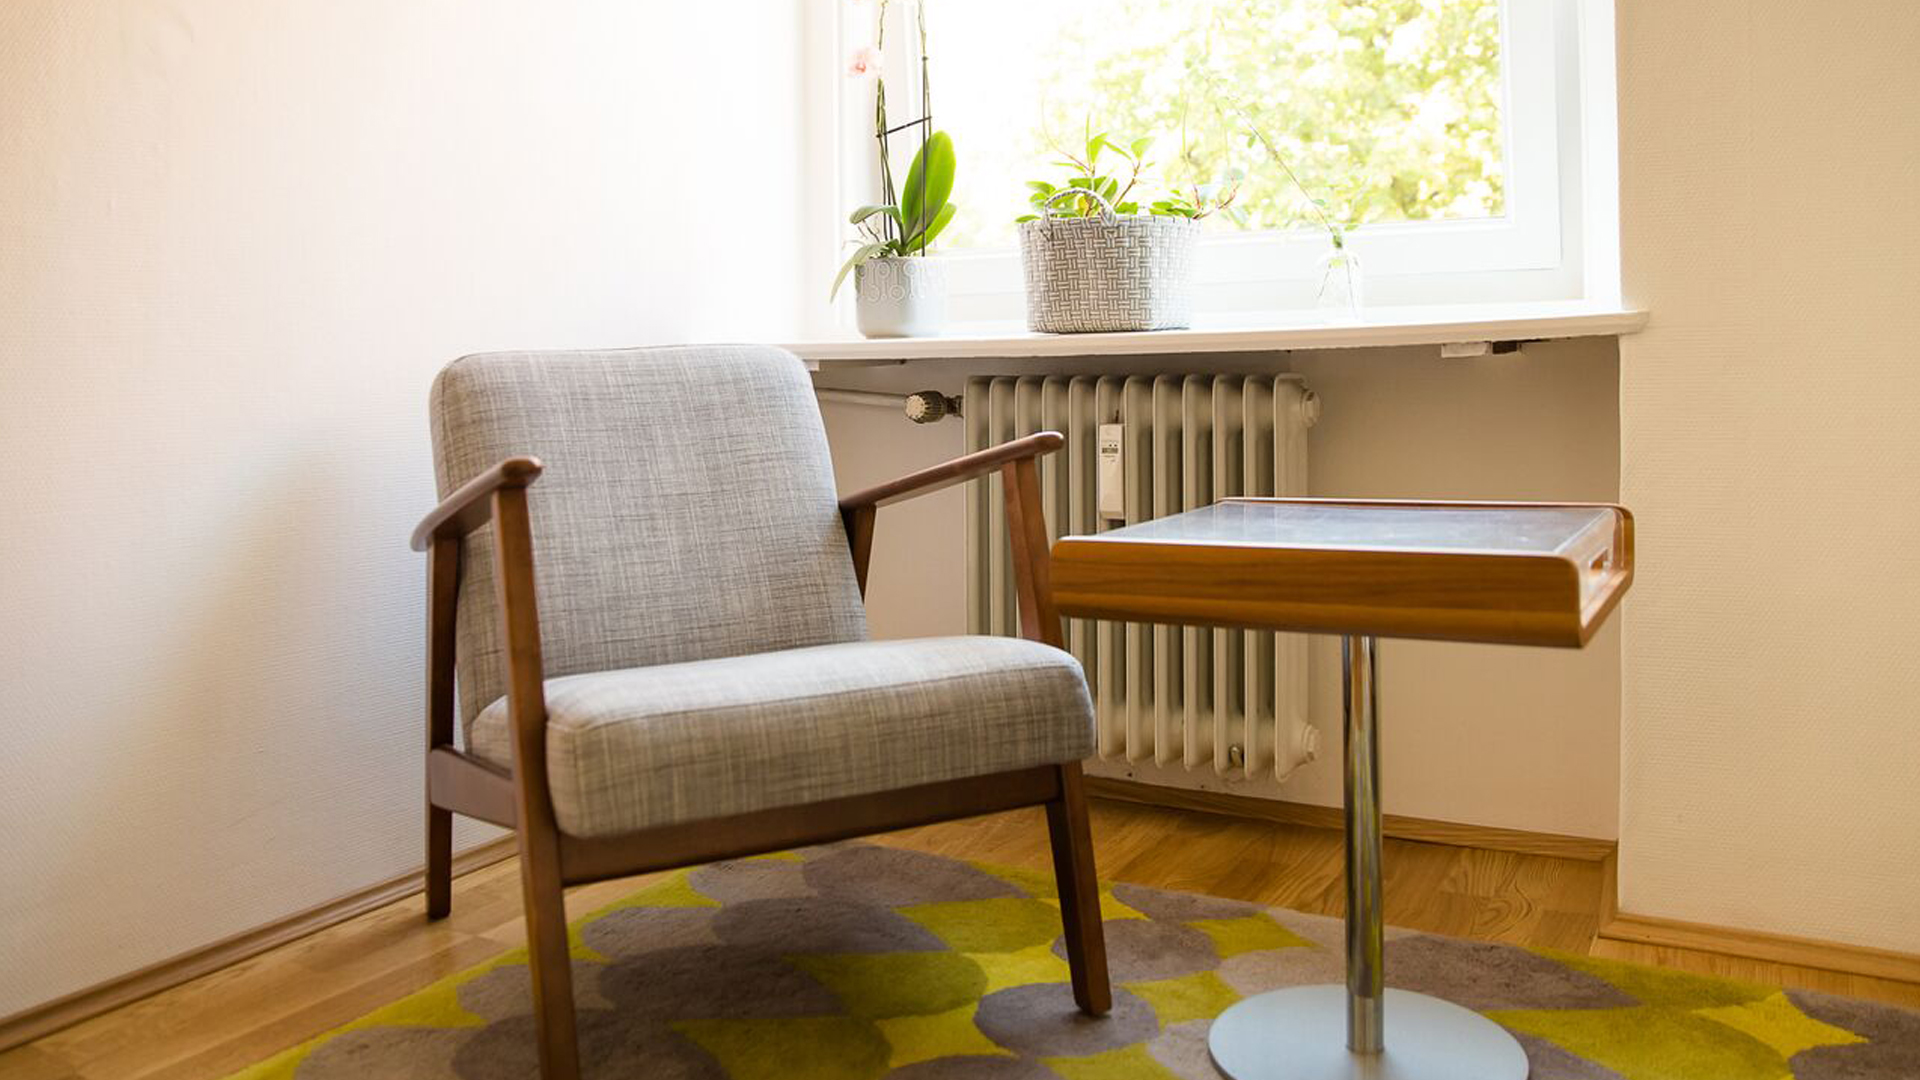 Ein Sessel und ein kleiner Stehtisch die direkt vor einer Fensterbank stehen